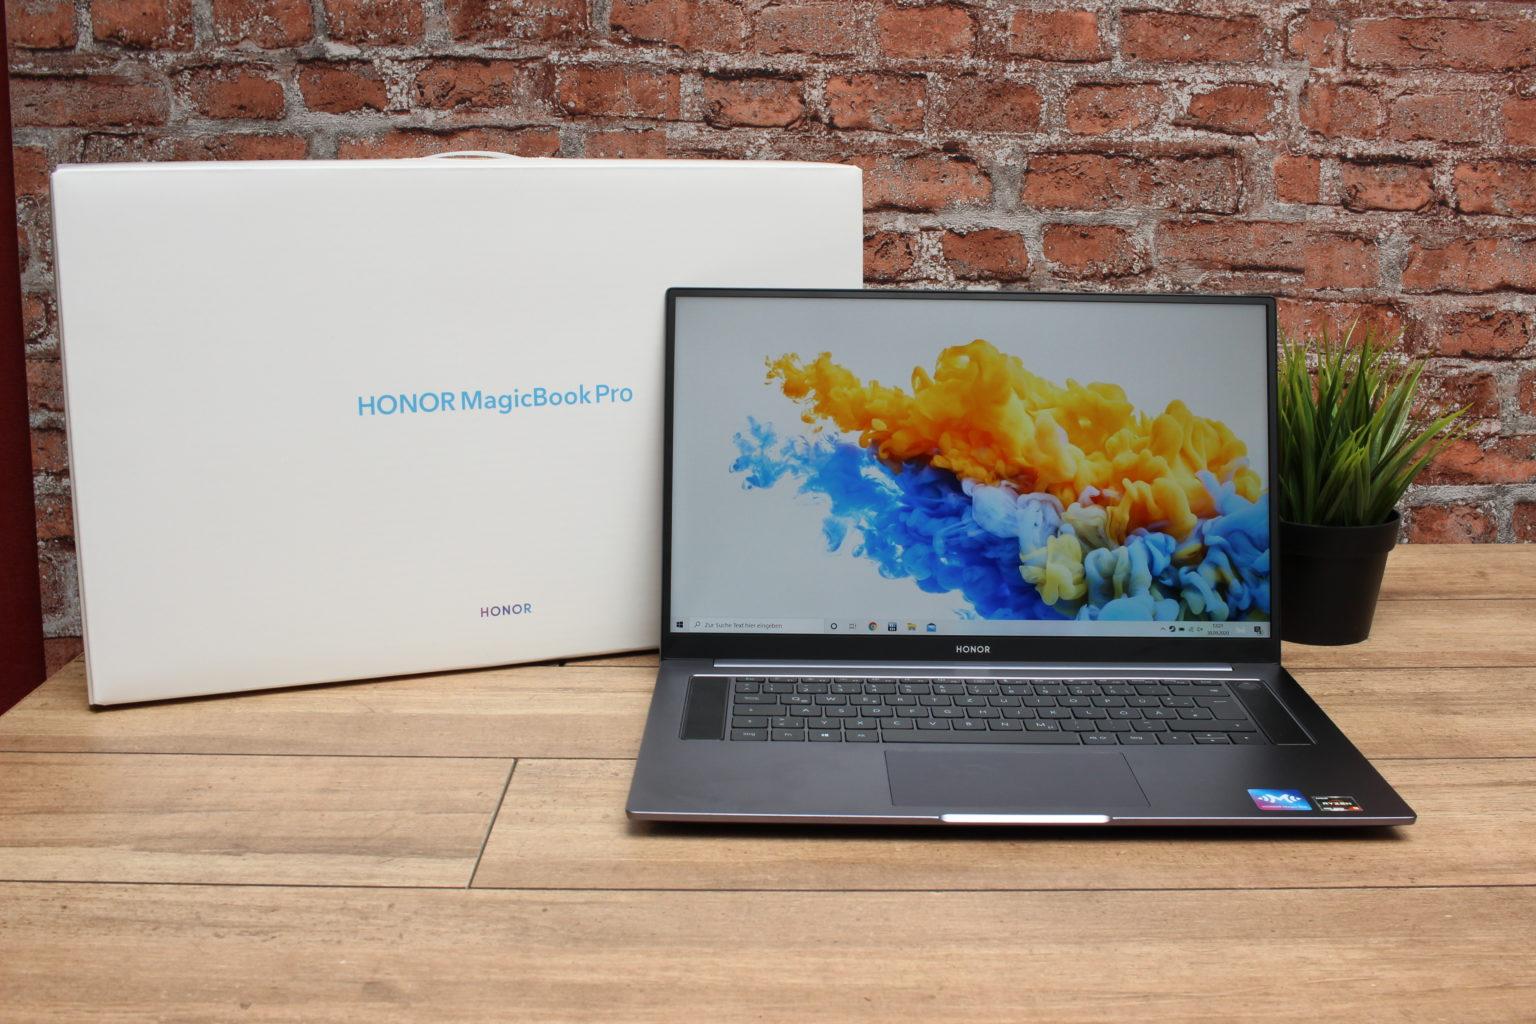 Ordenador portátil Honor MagicBook Pro delante de su caja